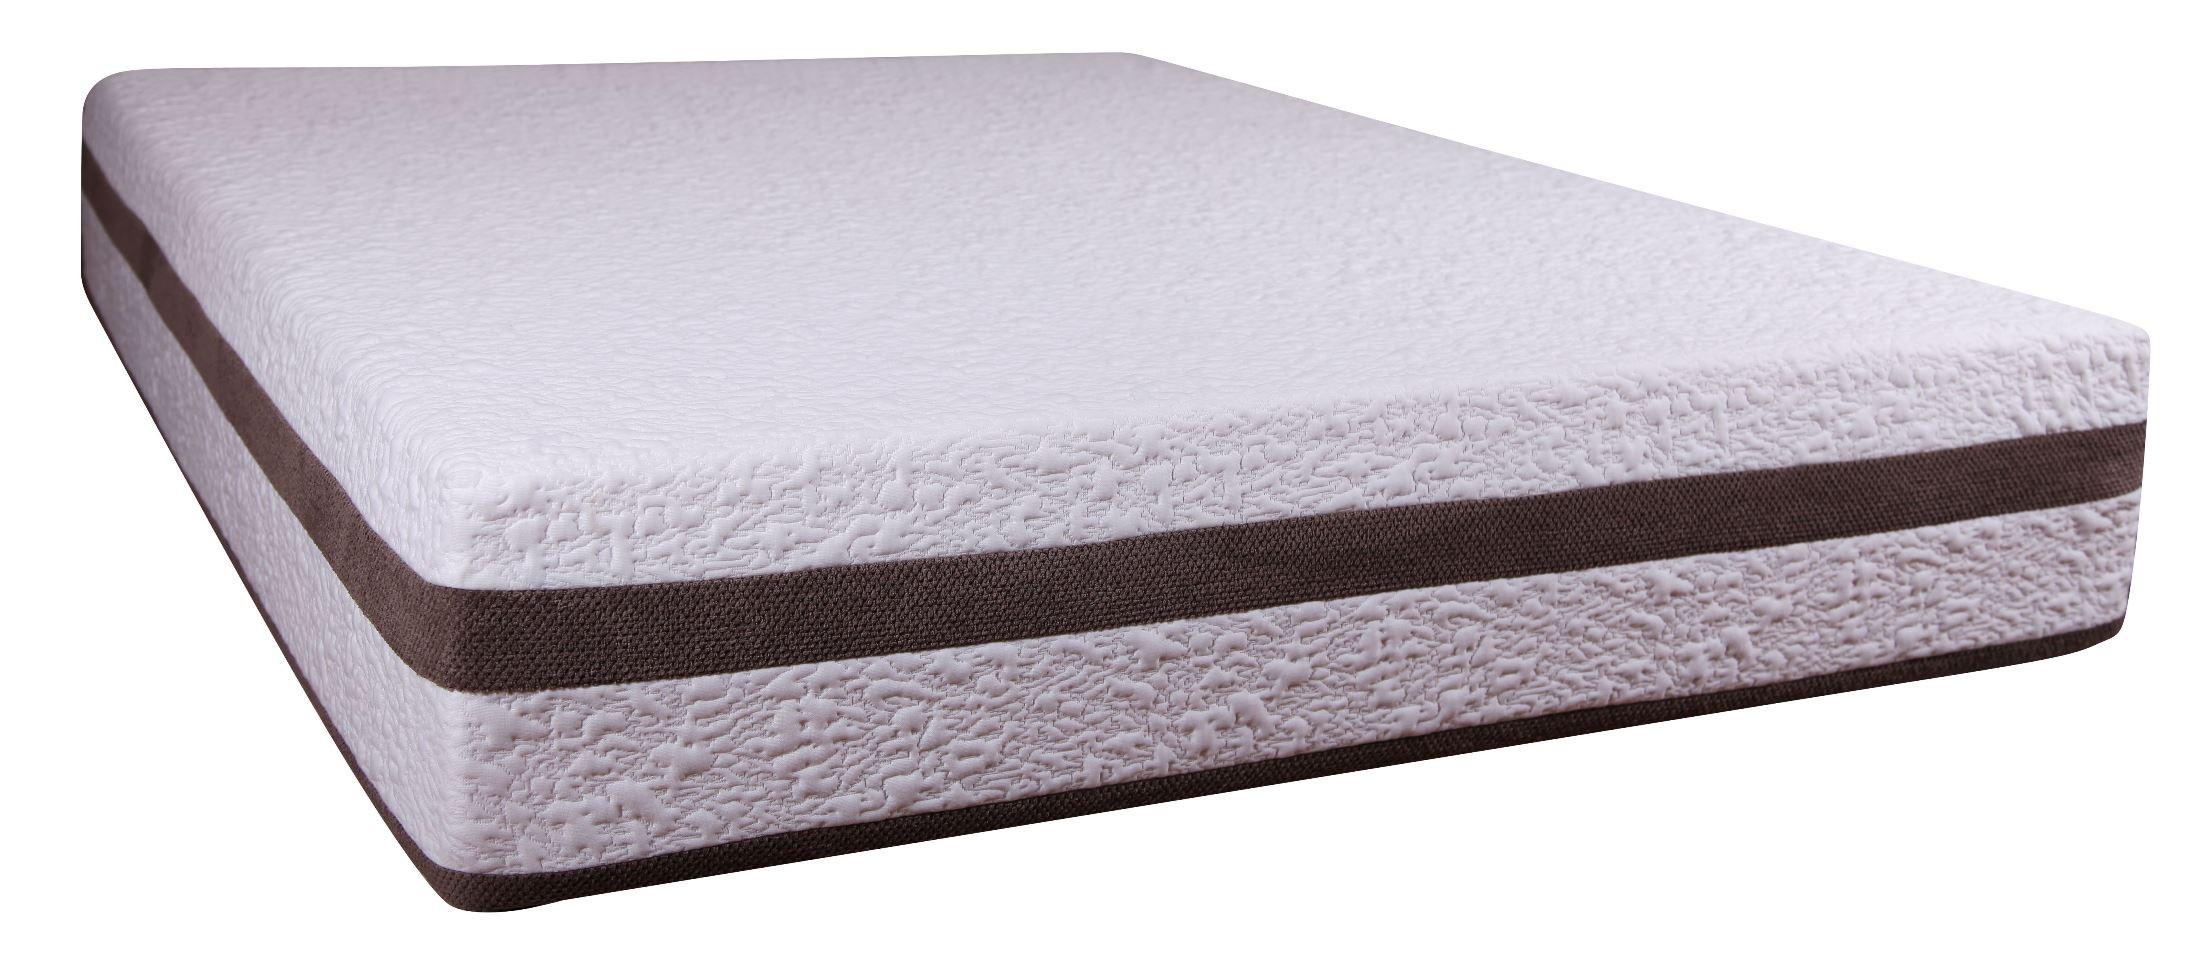 Nova 11 5 Memory Foam Queen Size Mattress From Klaussner Novaqqmat Coleman Furniture